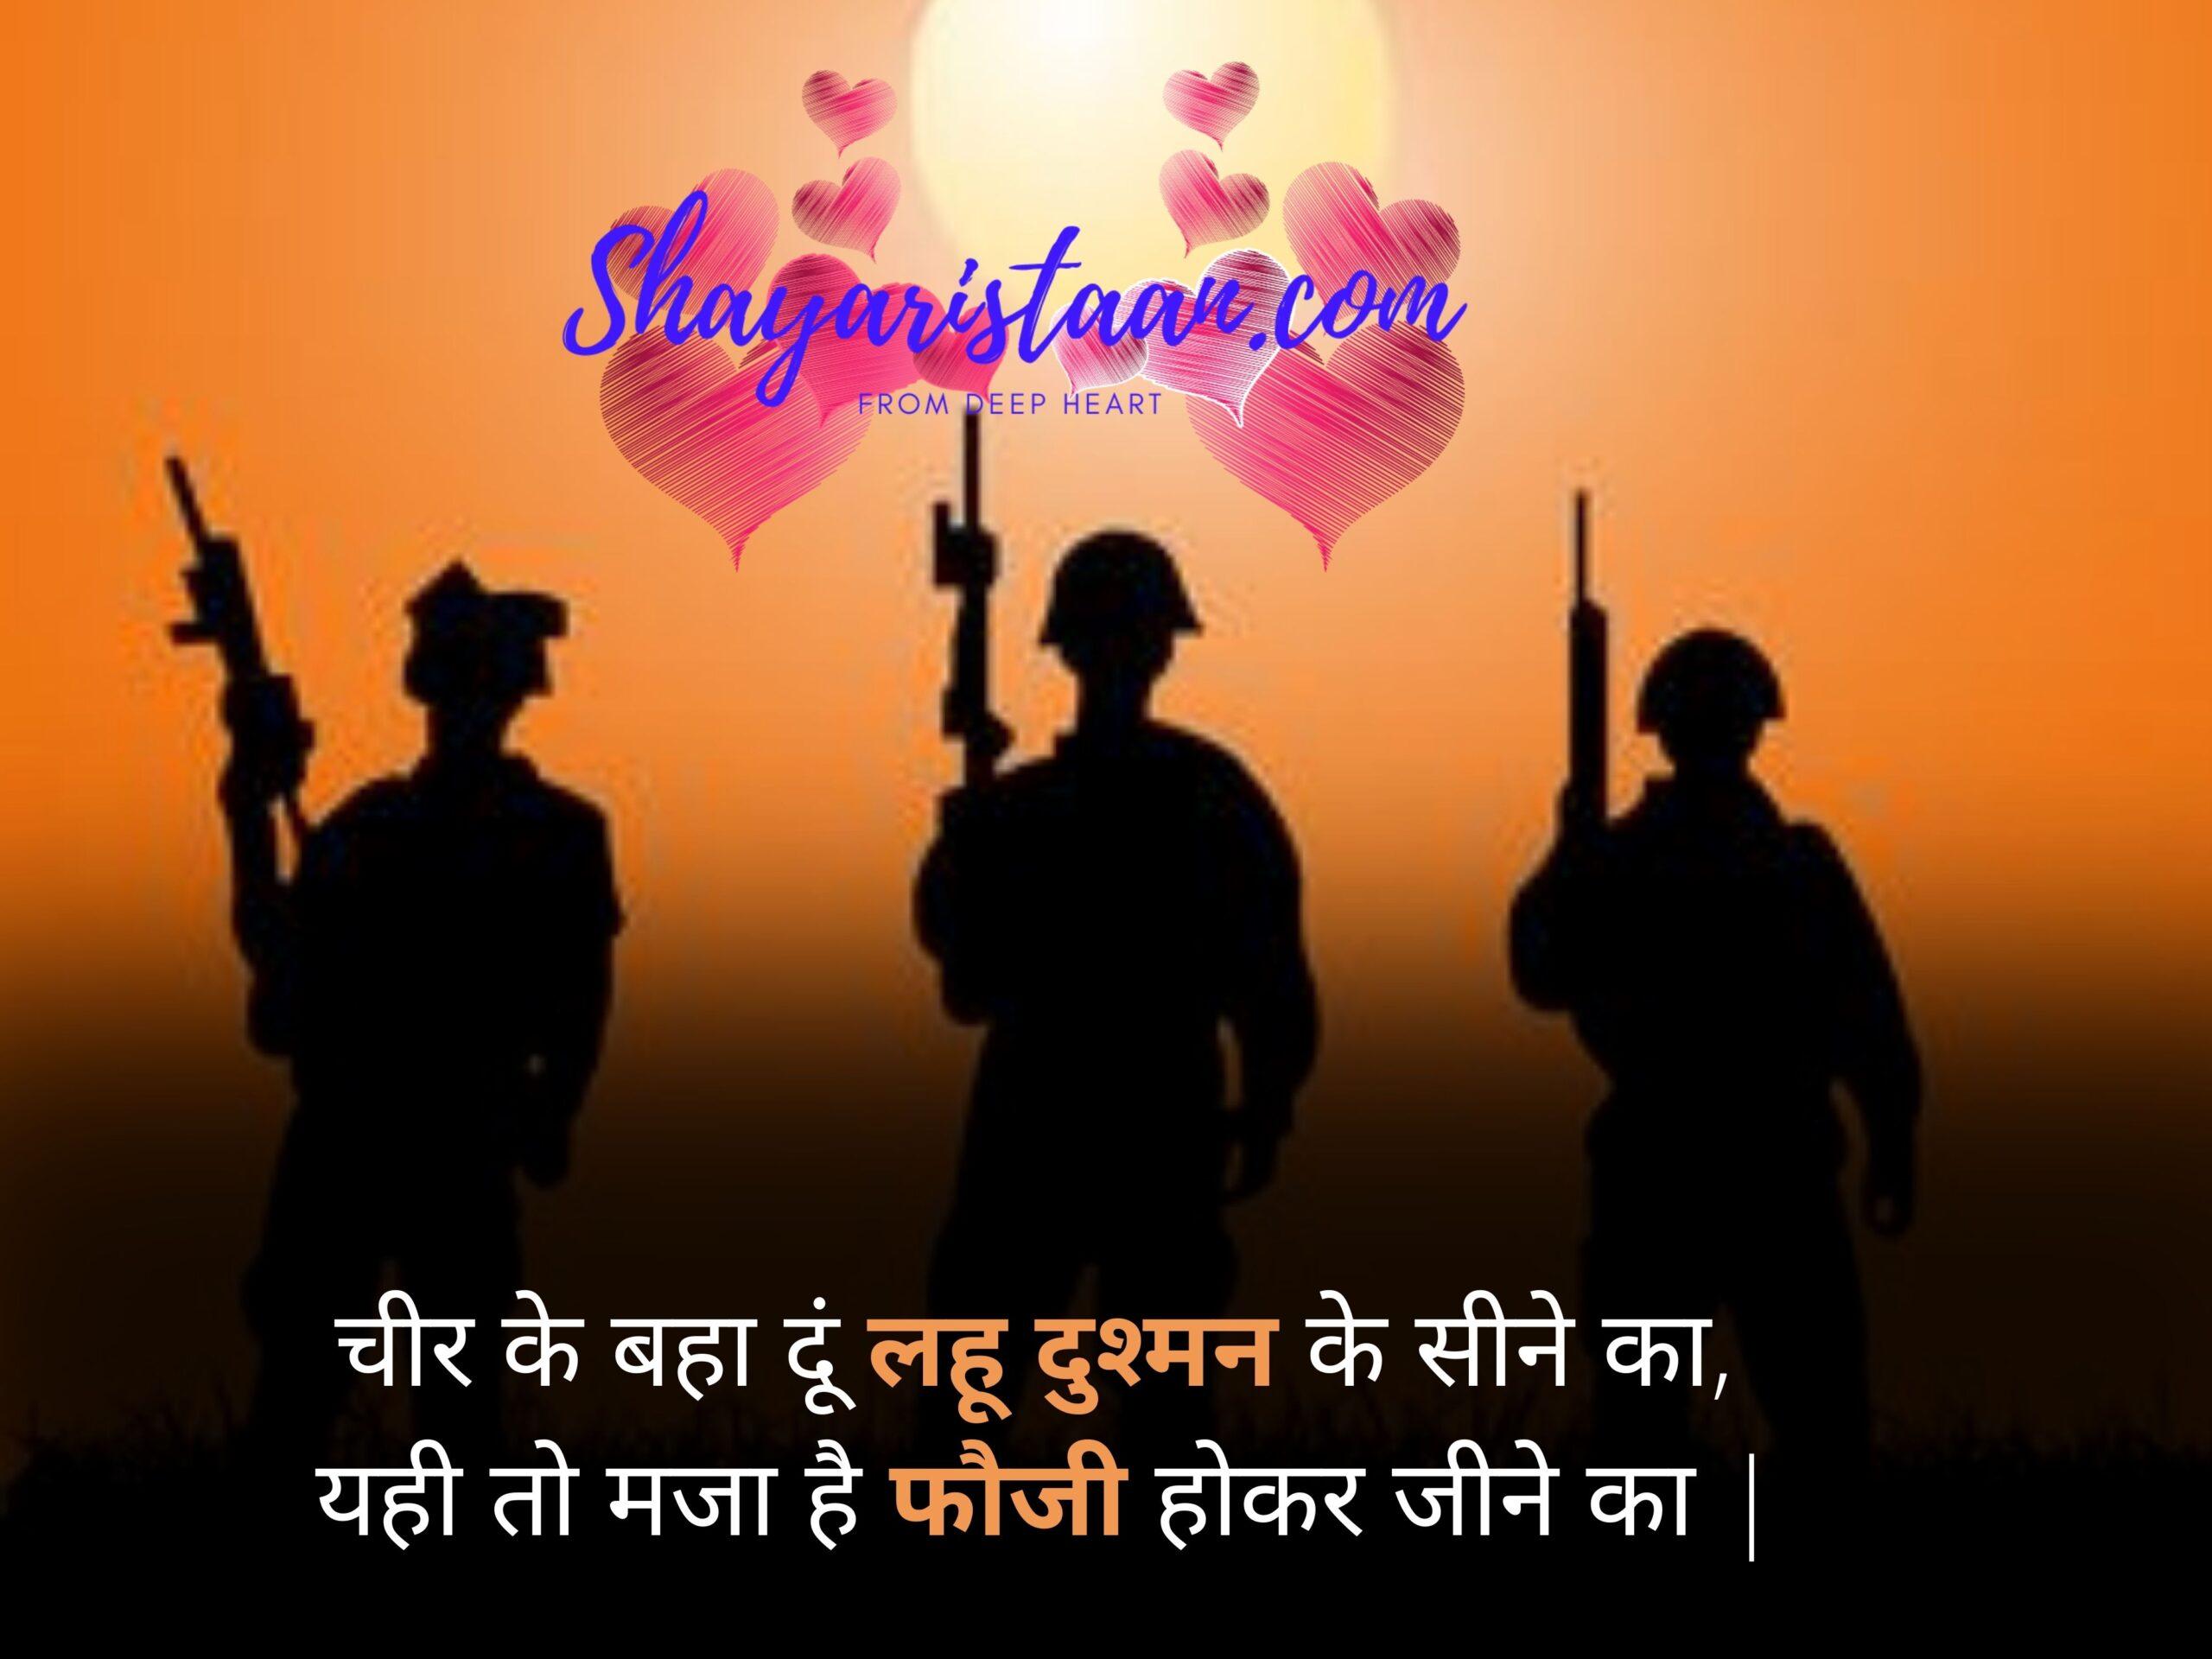 army lover shayari | चीर के बहा दूं लहू दुश्मन के सीने का, यही तो मजा है फौजी होकर जीने का |